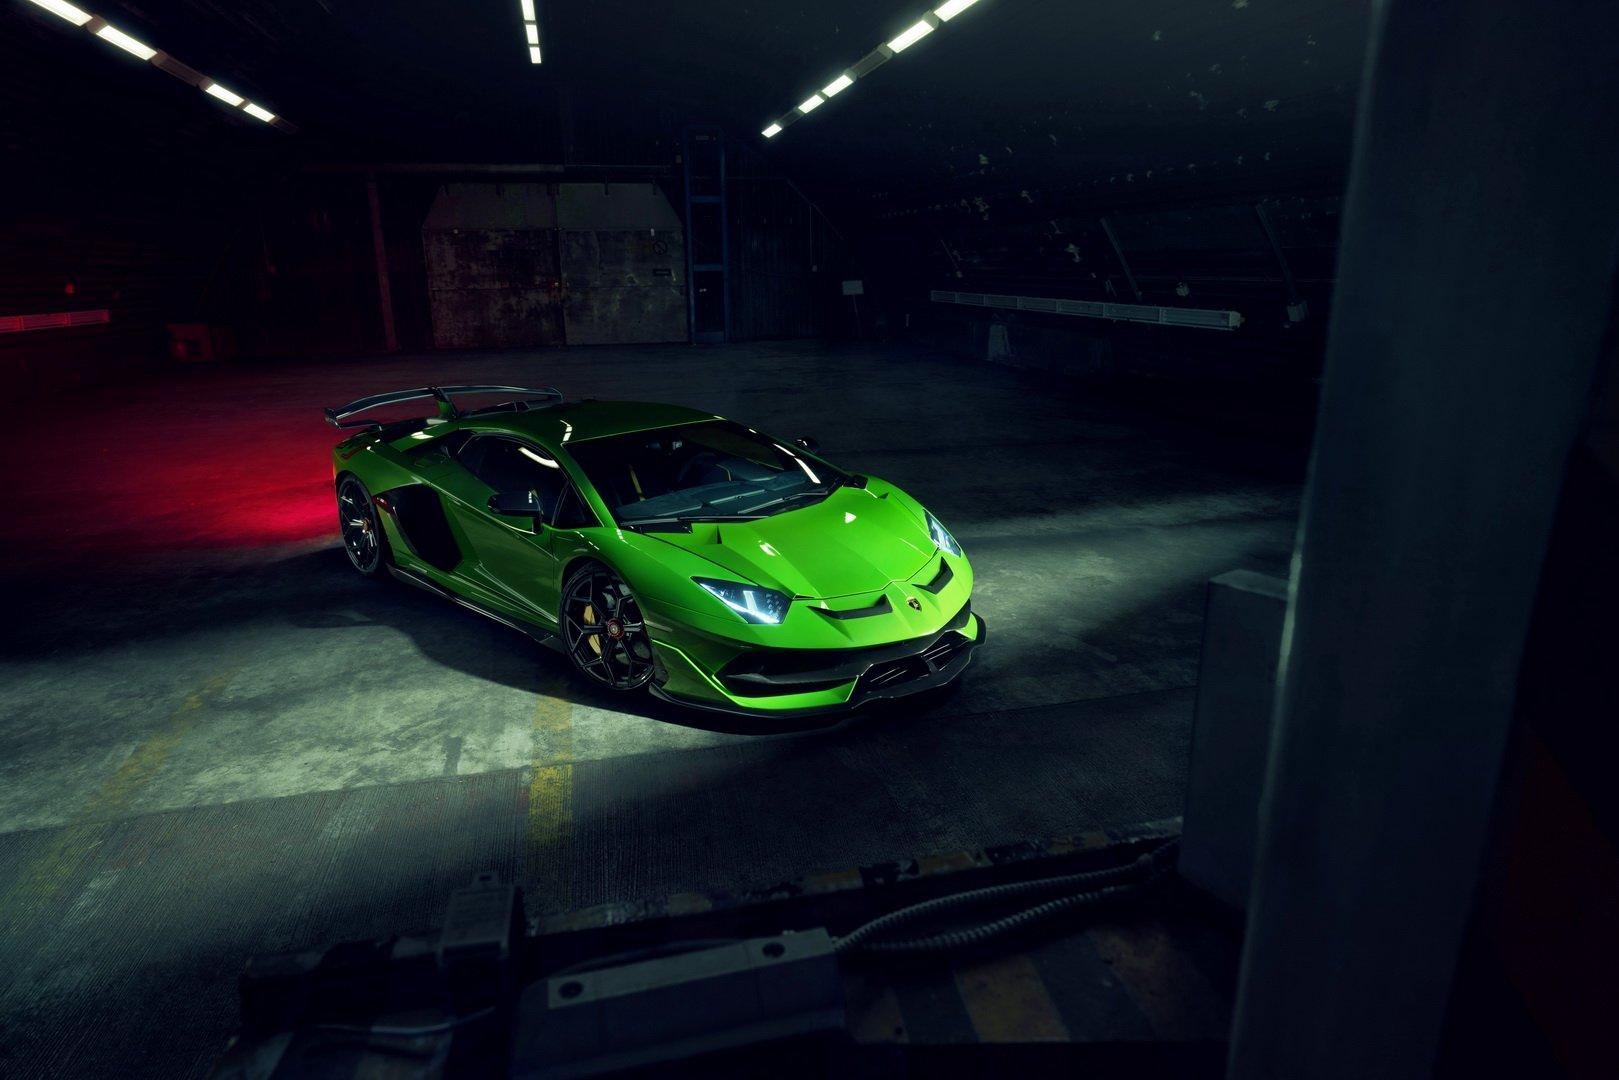 Lamborghini-Aventador-SVJ-by-Novitec-5